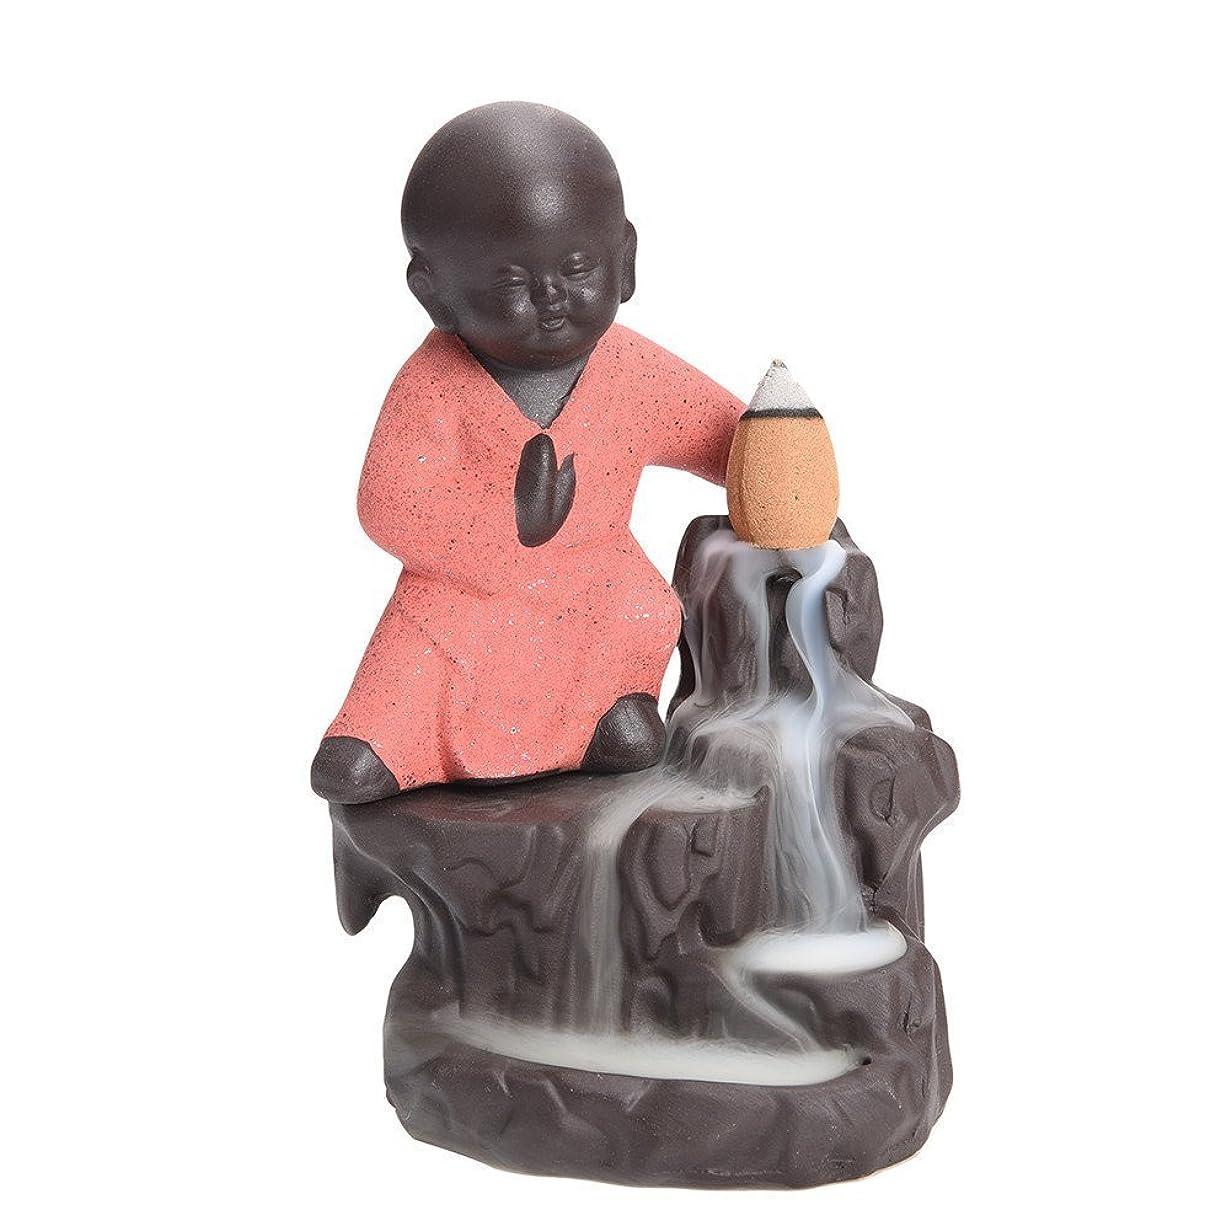 歩く傾いた高尚な逆流香炉タワーCones Sticks Little Monkホルダーセラミック磁器Buddha Monk AshキャッチャーbySimon & # xff08?;ピンク& # xff09?;